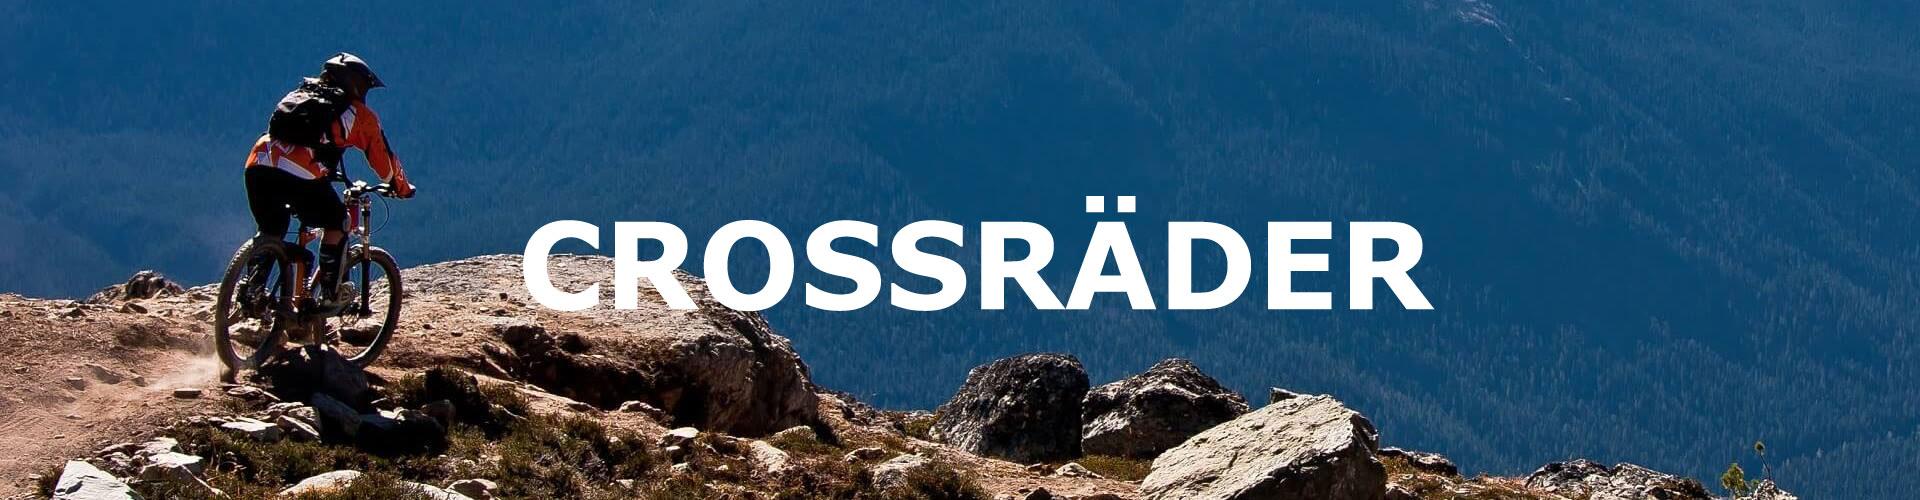 CROSSRÄDER - Kategorie